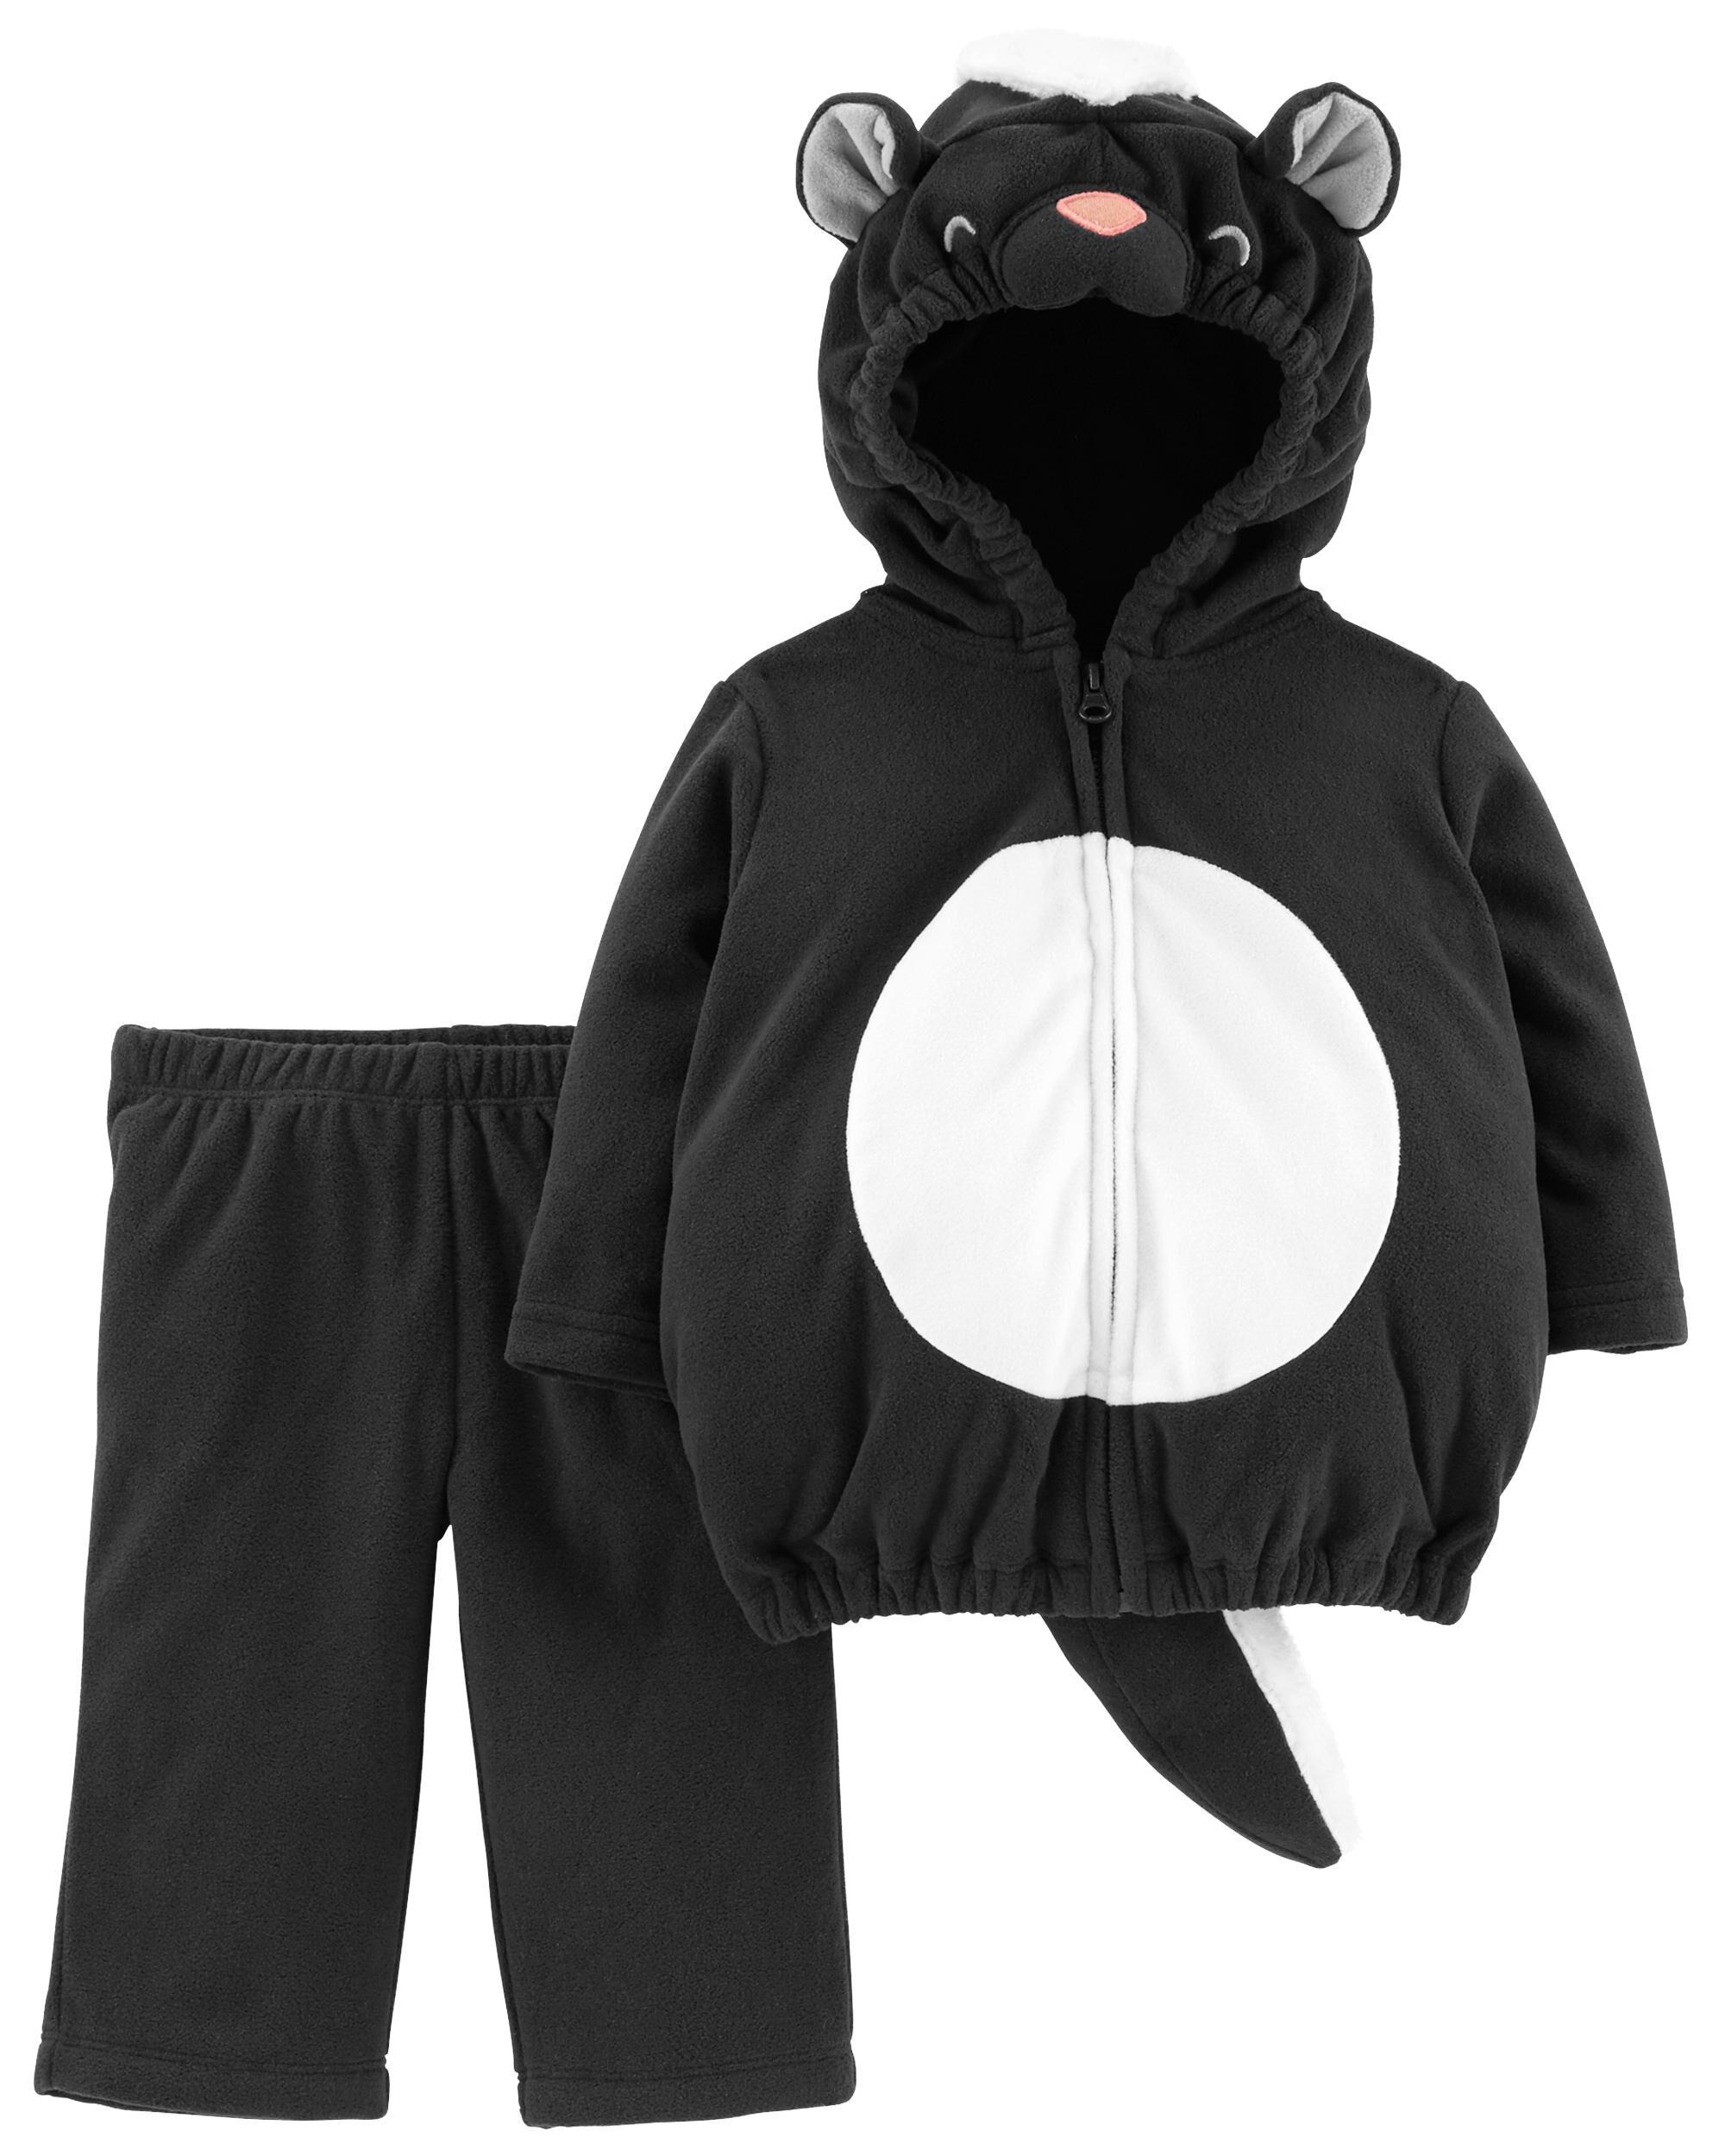 little skunk halloween costume | carters